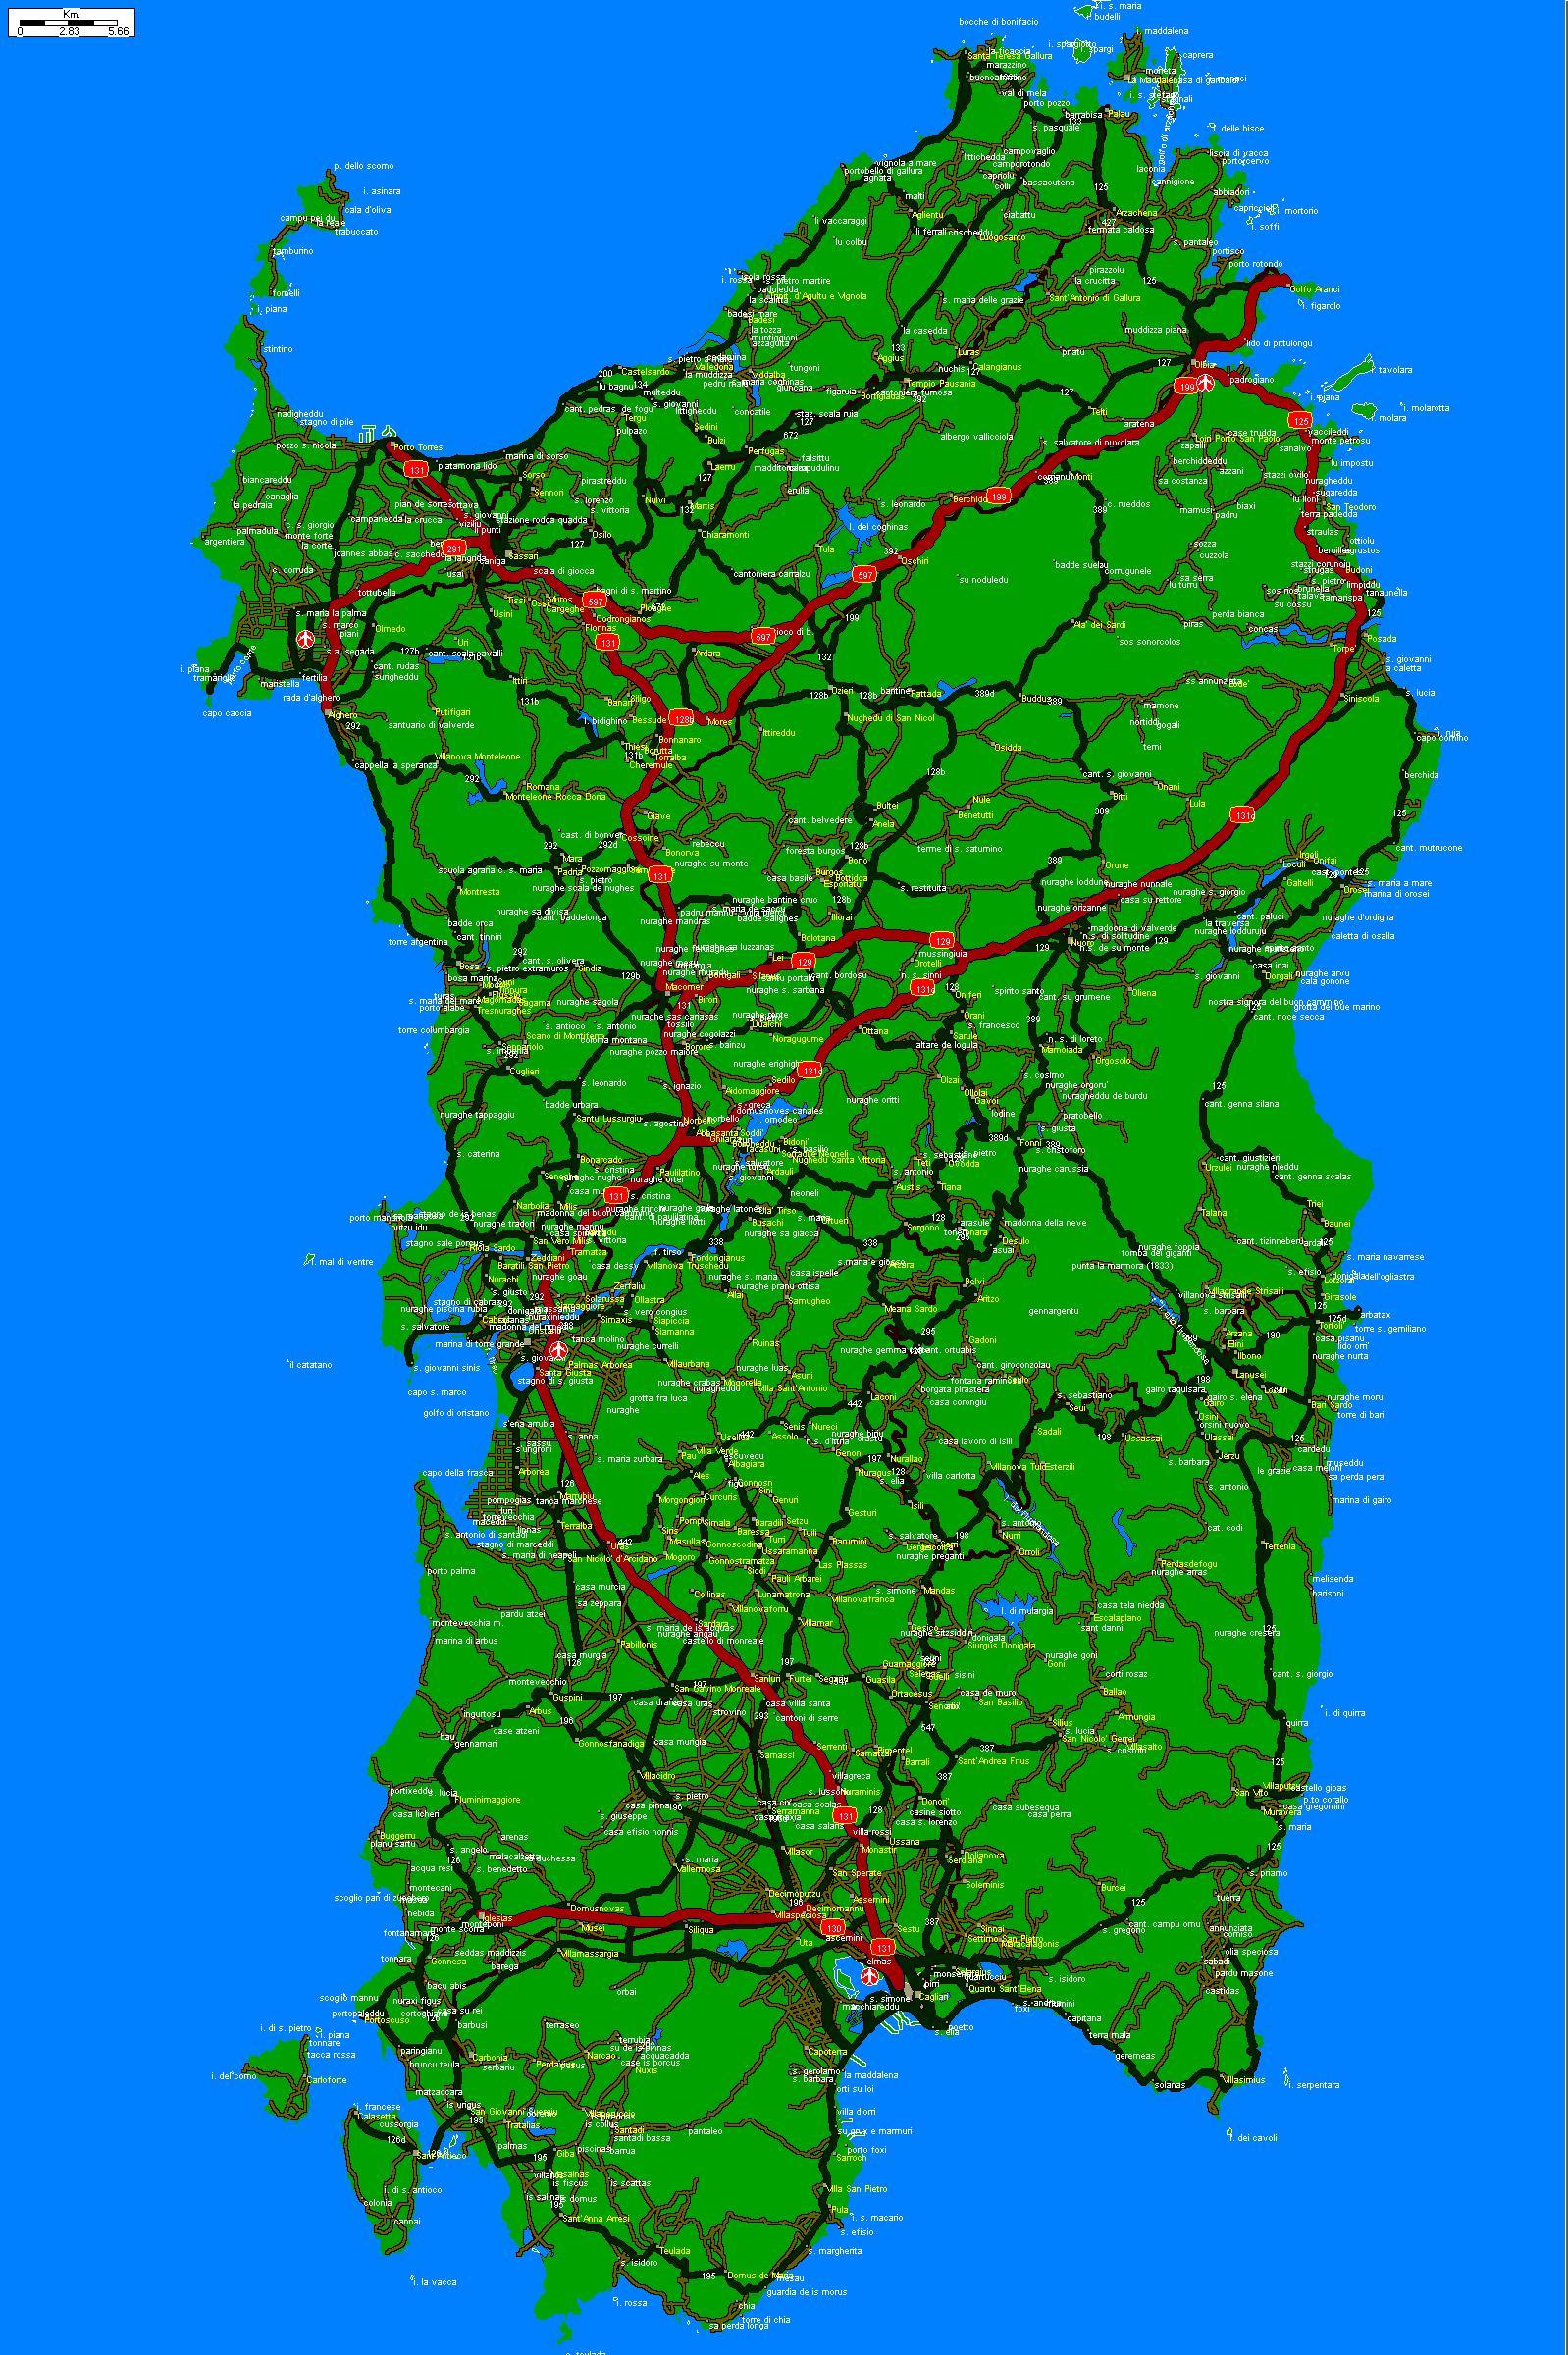 Cartina Sardegna Golfo Aranci.Cartina Della Sardegna By Sardegna On Deviantart